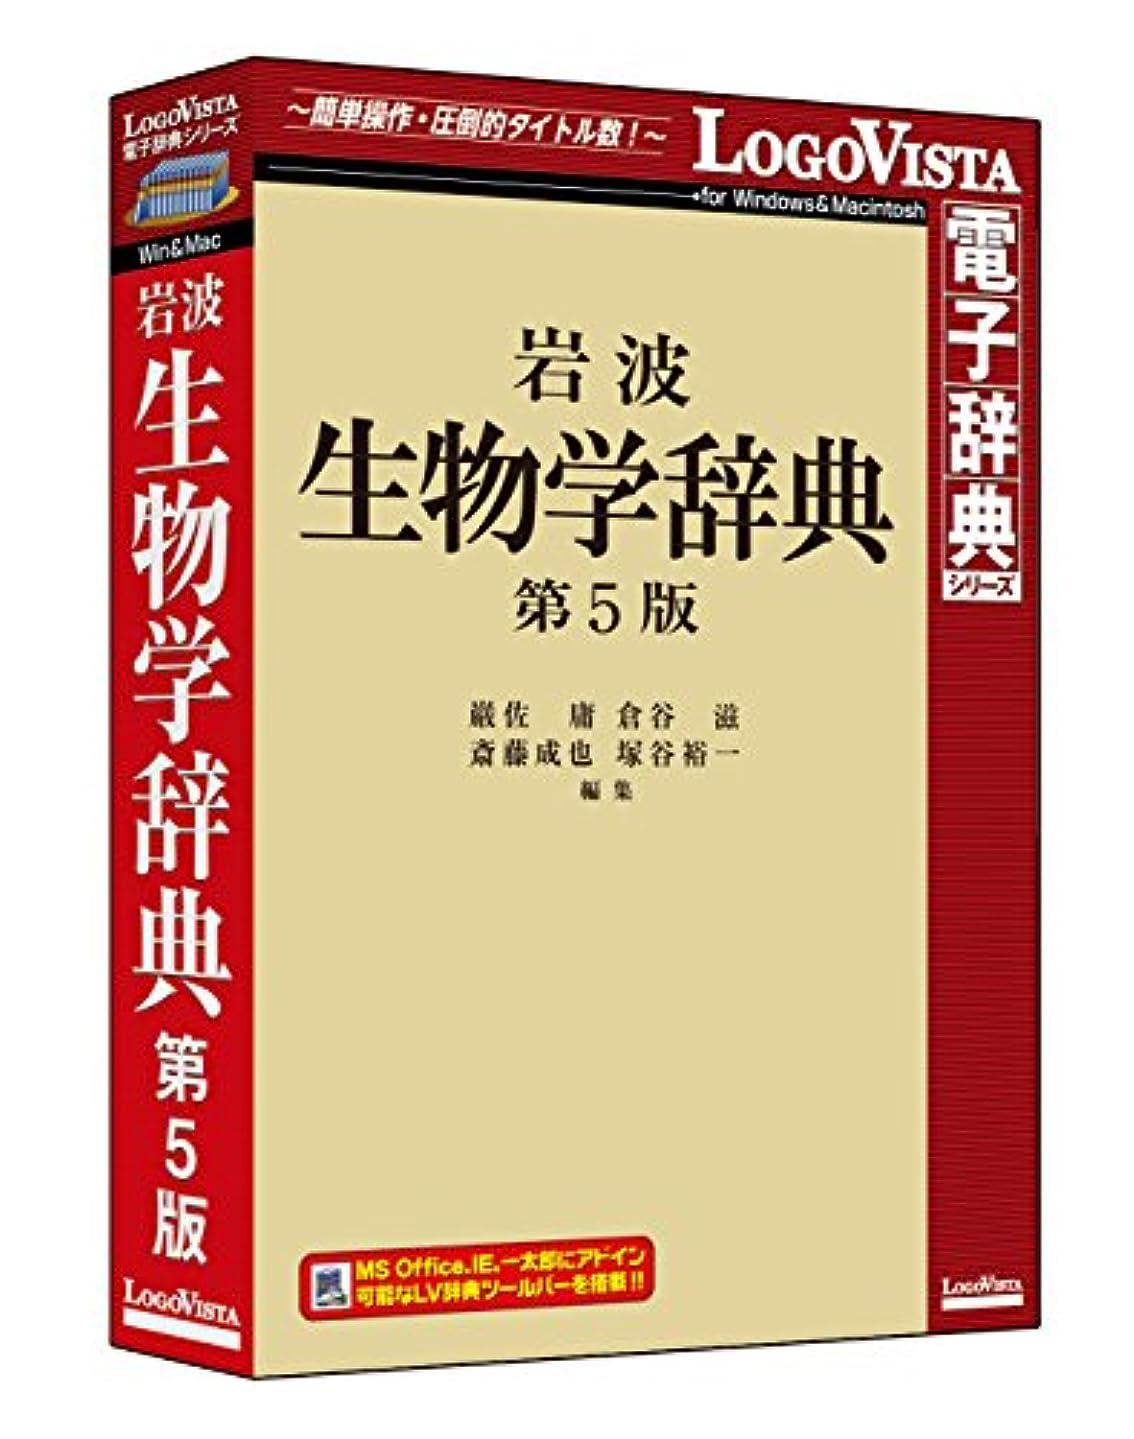 米ドル忌まわしい苦情文句岩波 生物学辞典 第5版